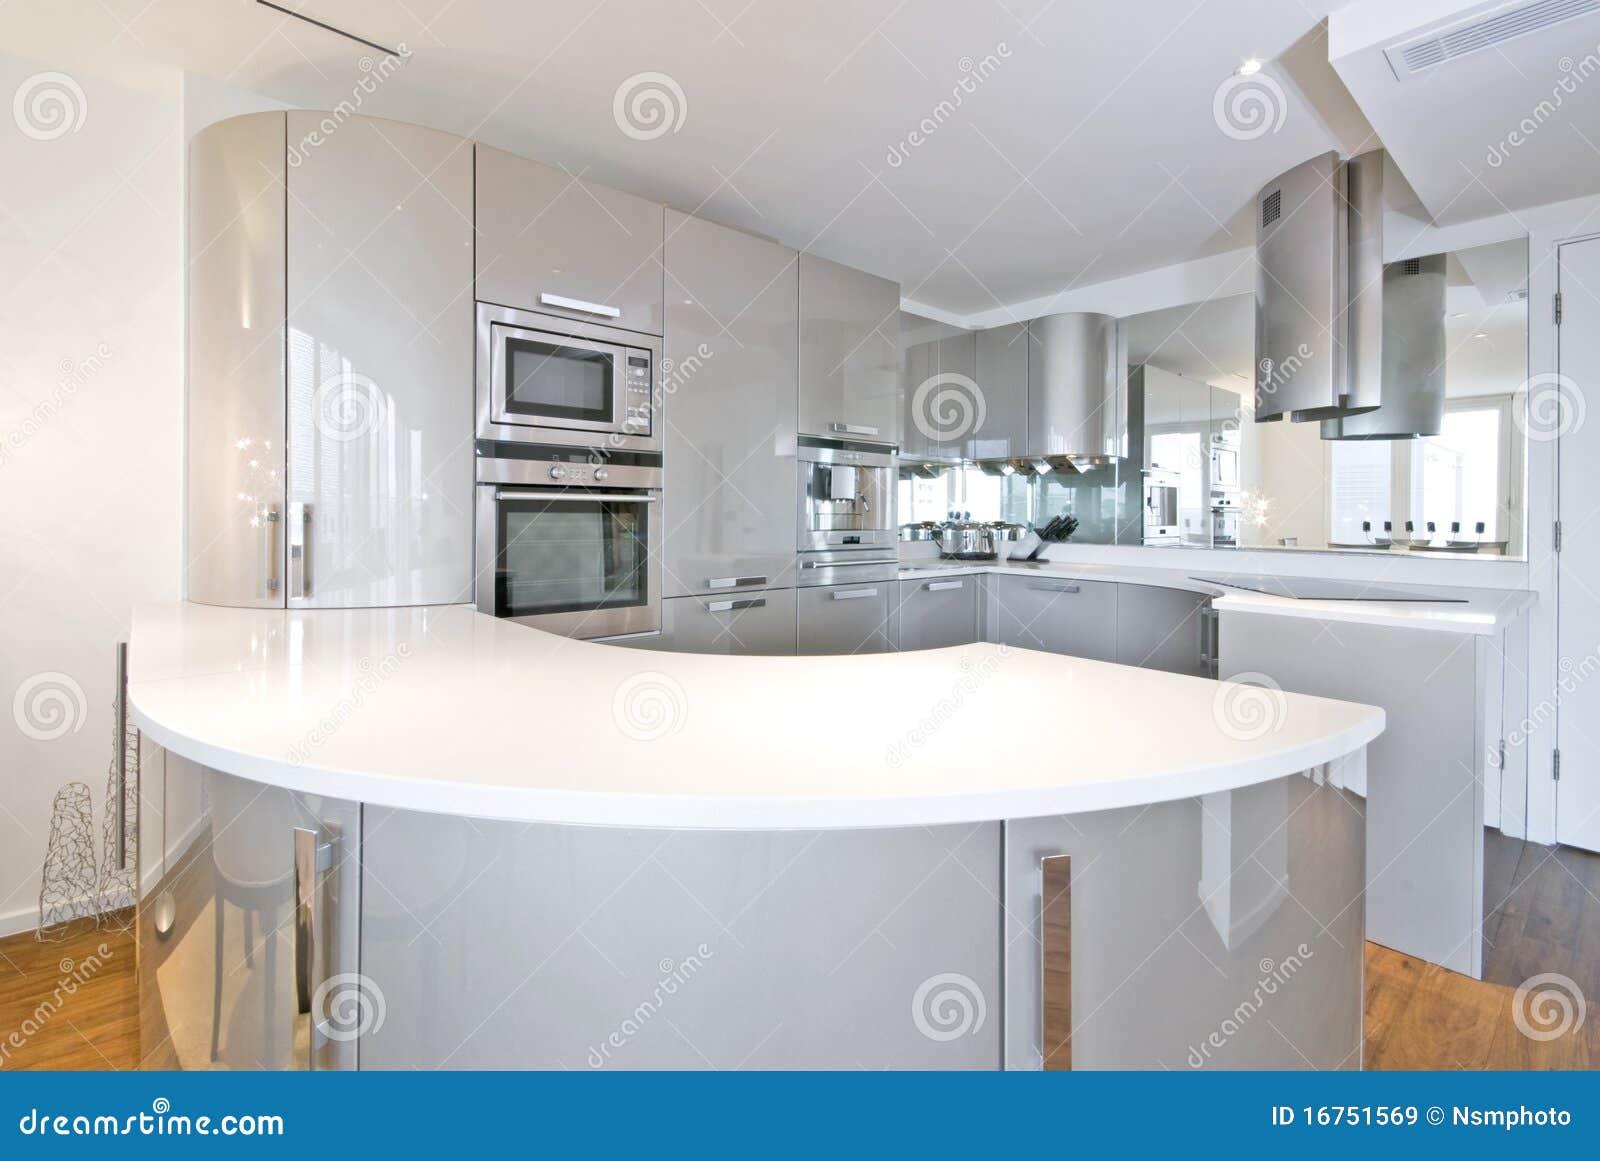 Cucina Ultra Moderna.Cucina Ultra Moderna Del Progettista Immagine Stock